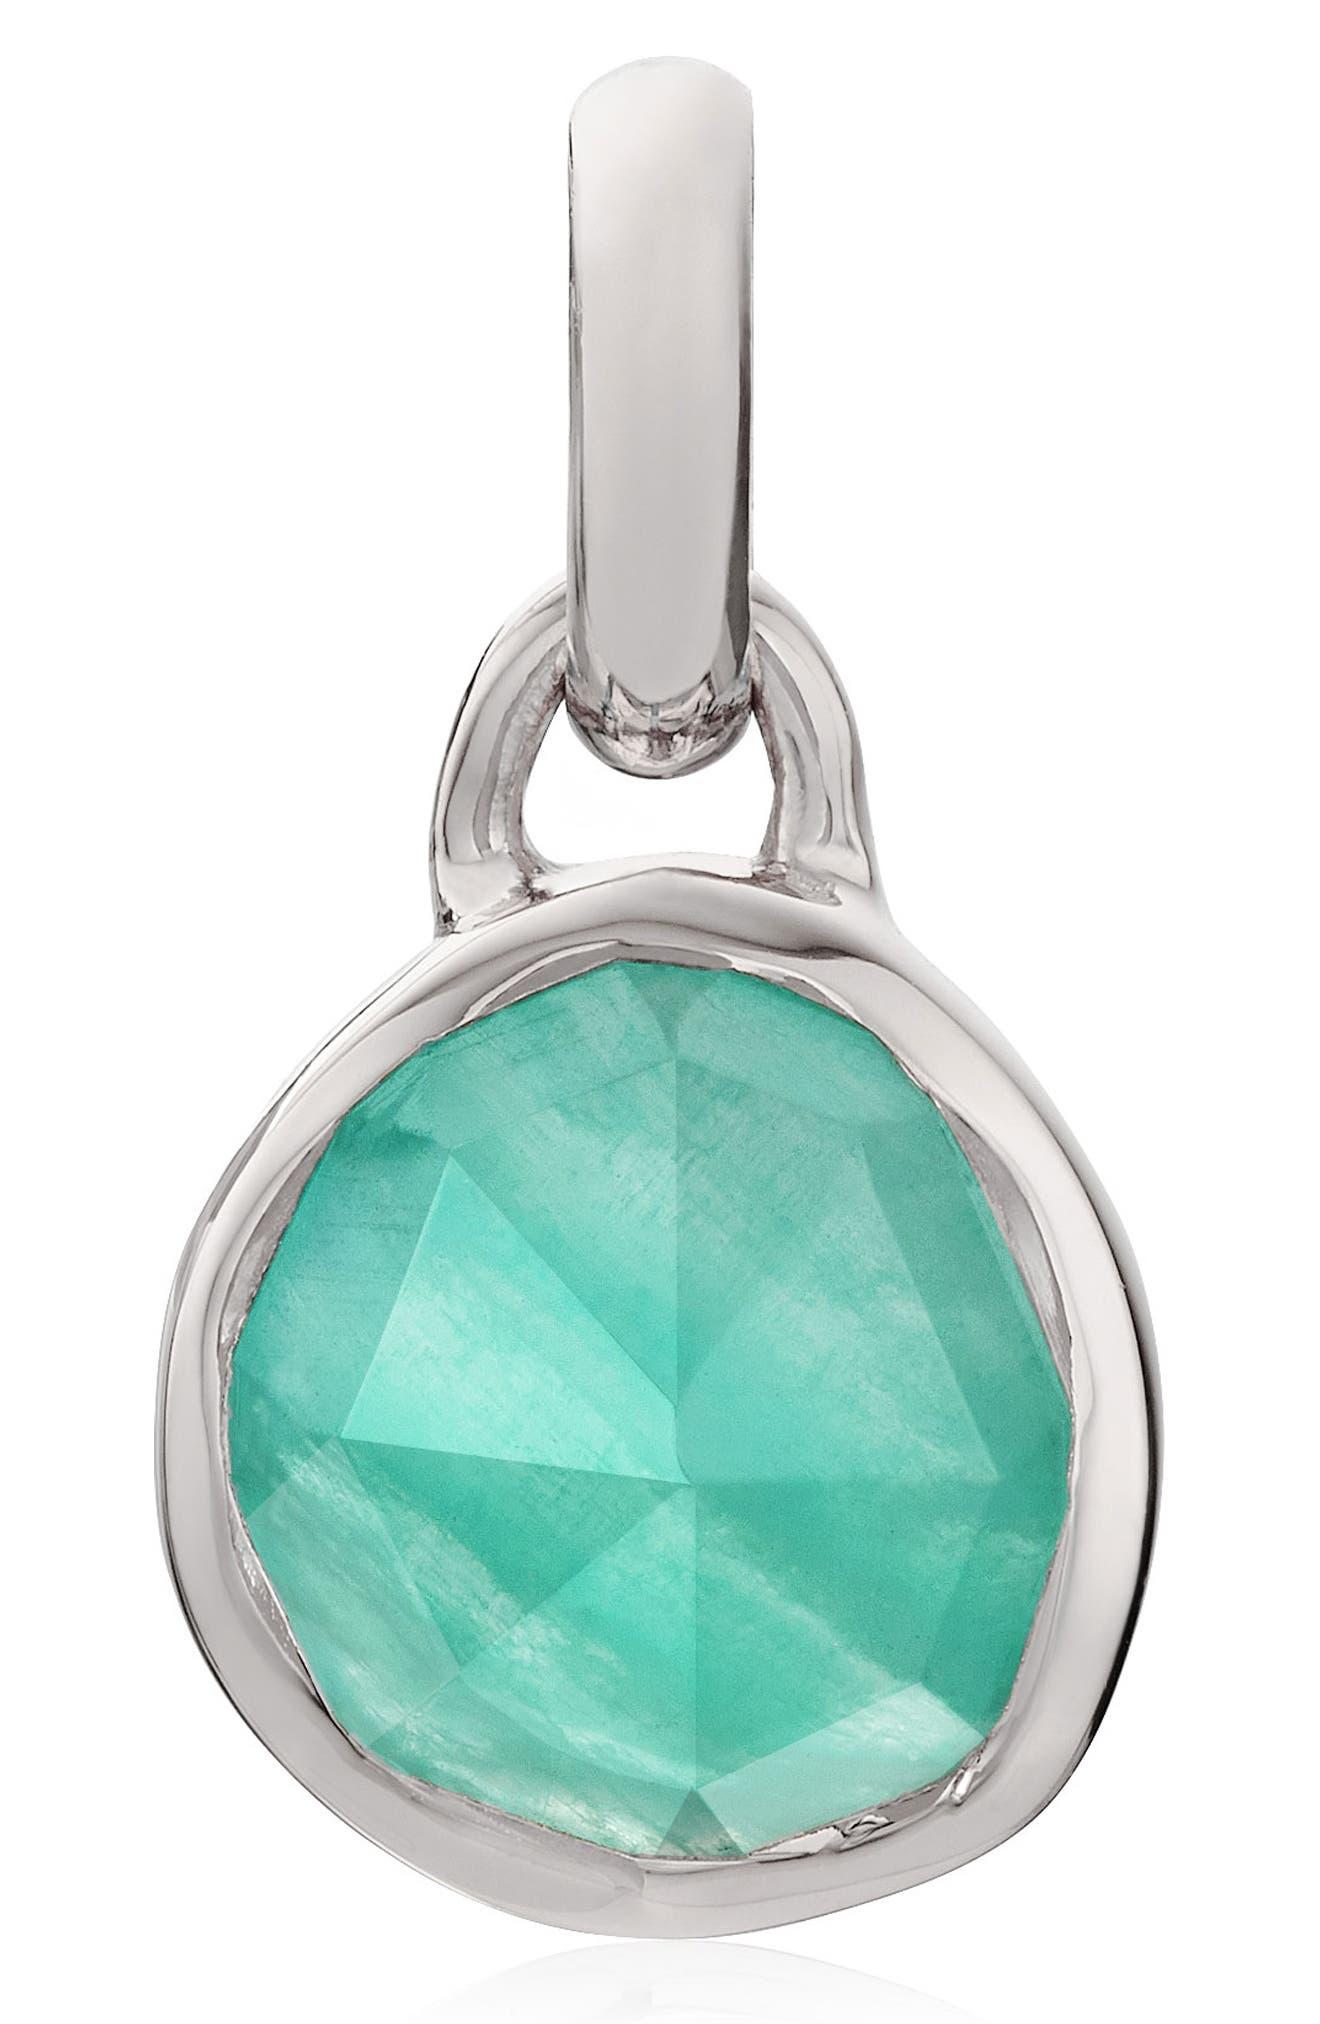 Siren Black Line Onyx Pendant,                         Main,                         color, Silver/ Amazonite